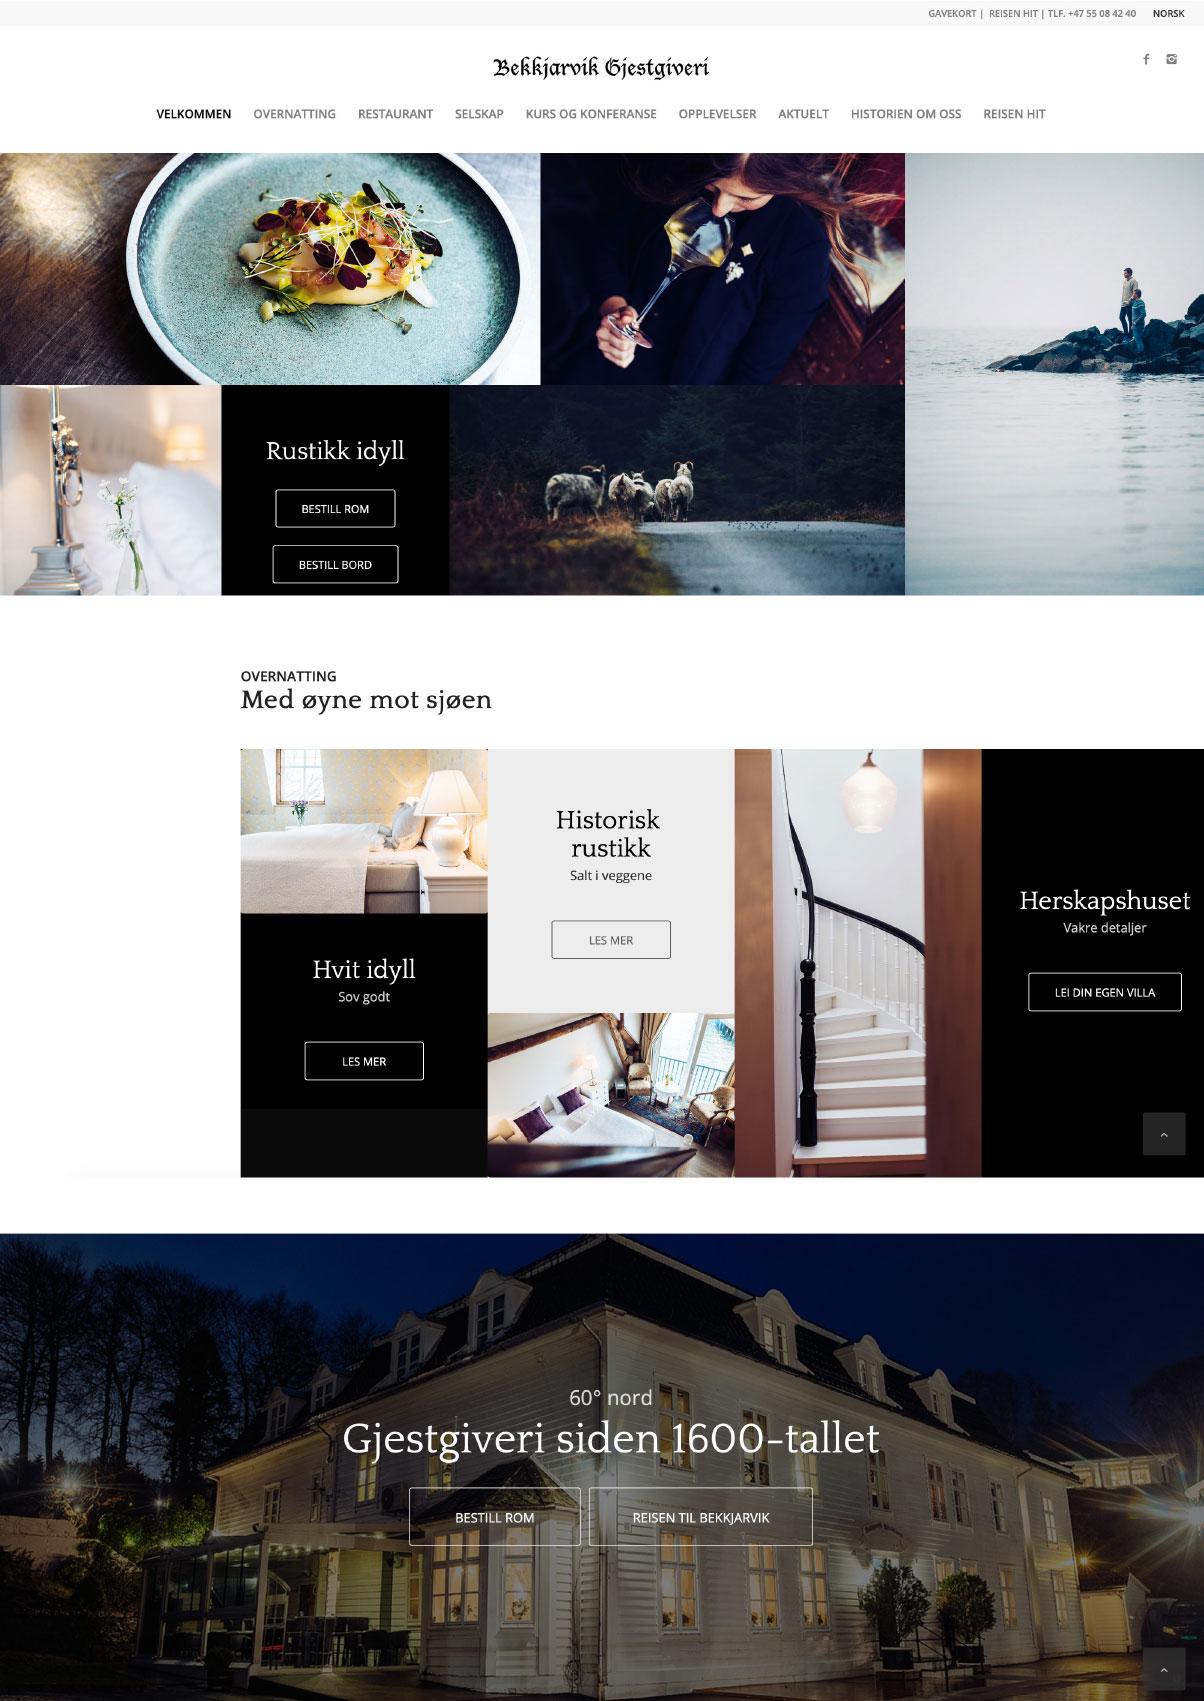 Design av Bekkjarvik Gjestgiveri nettside